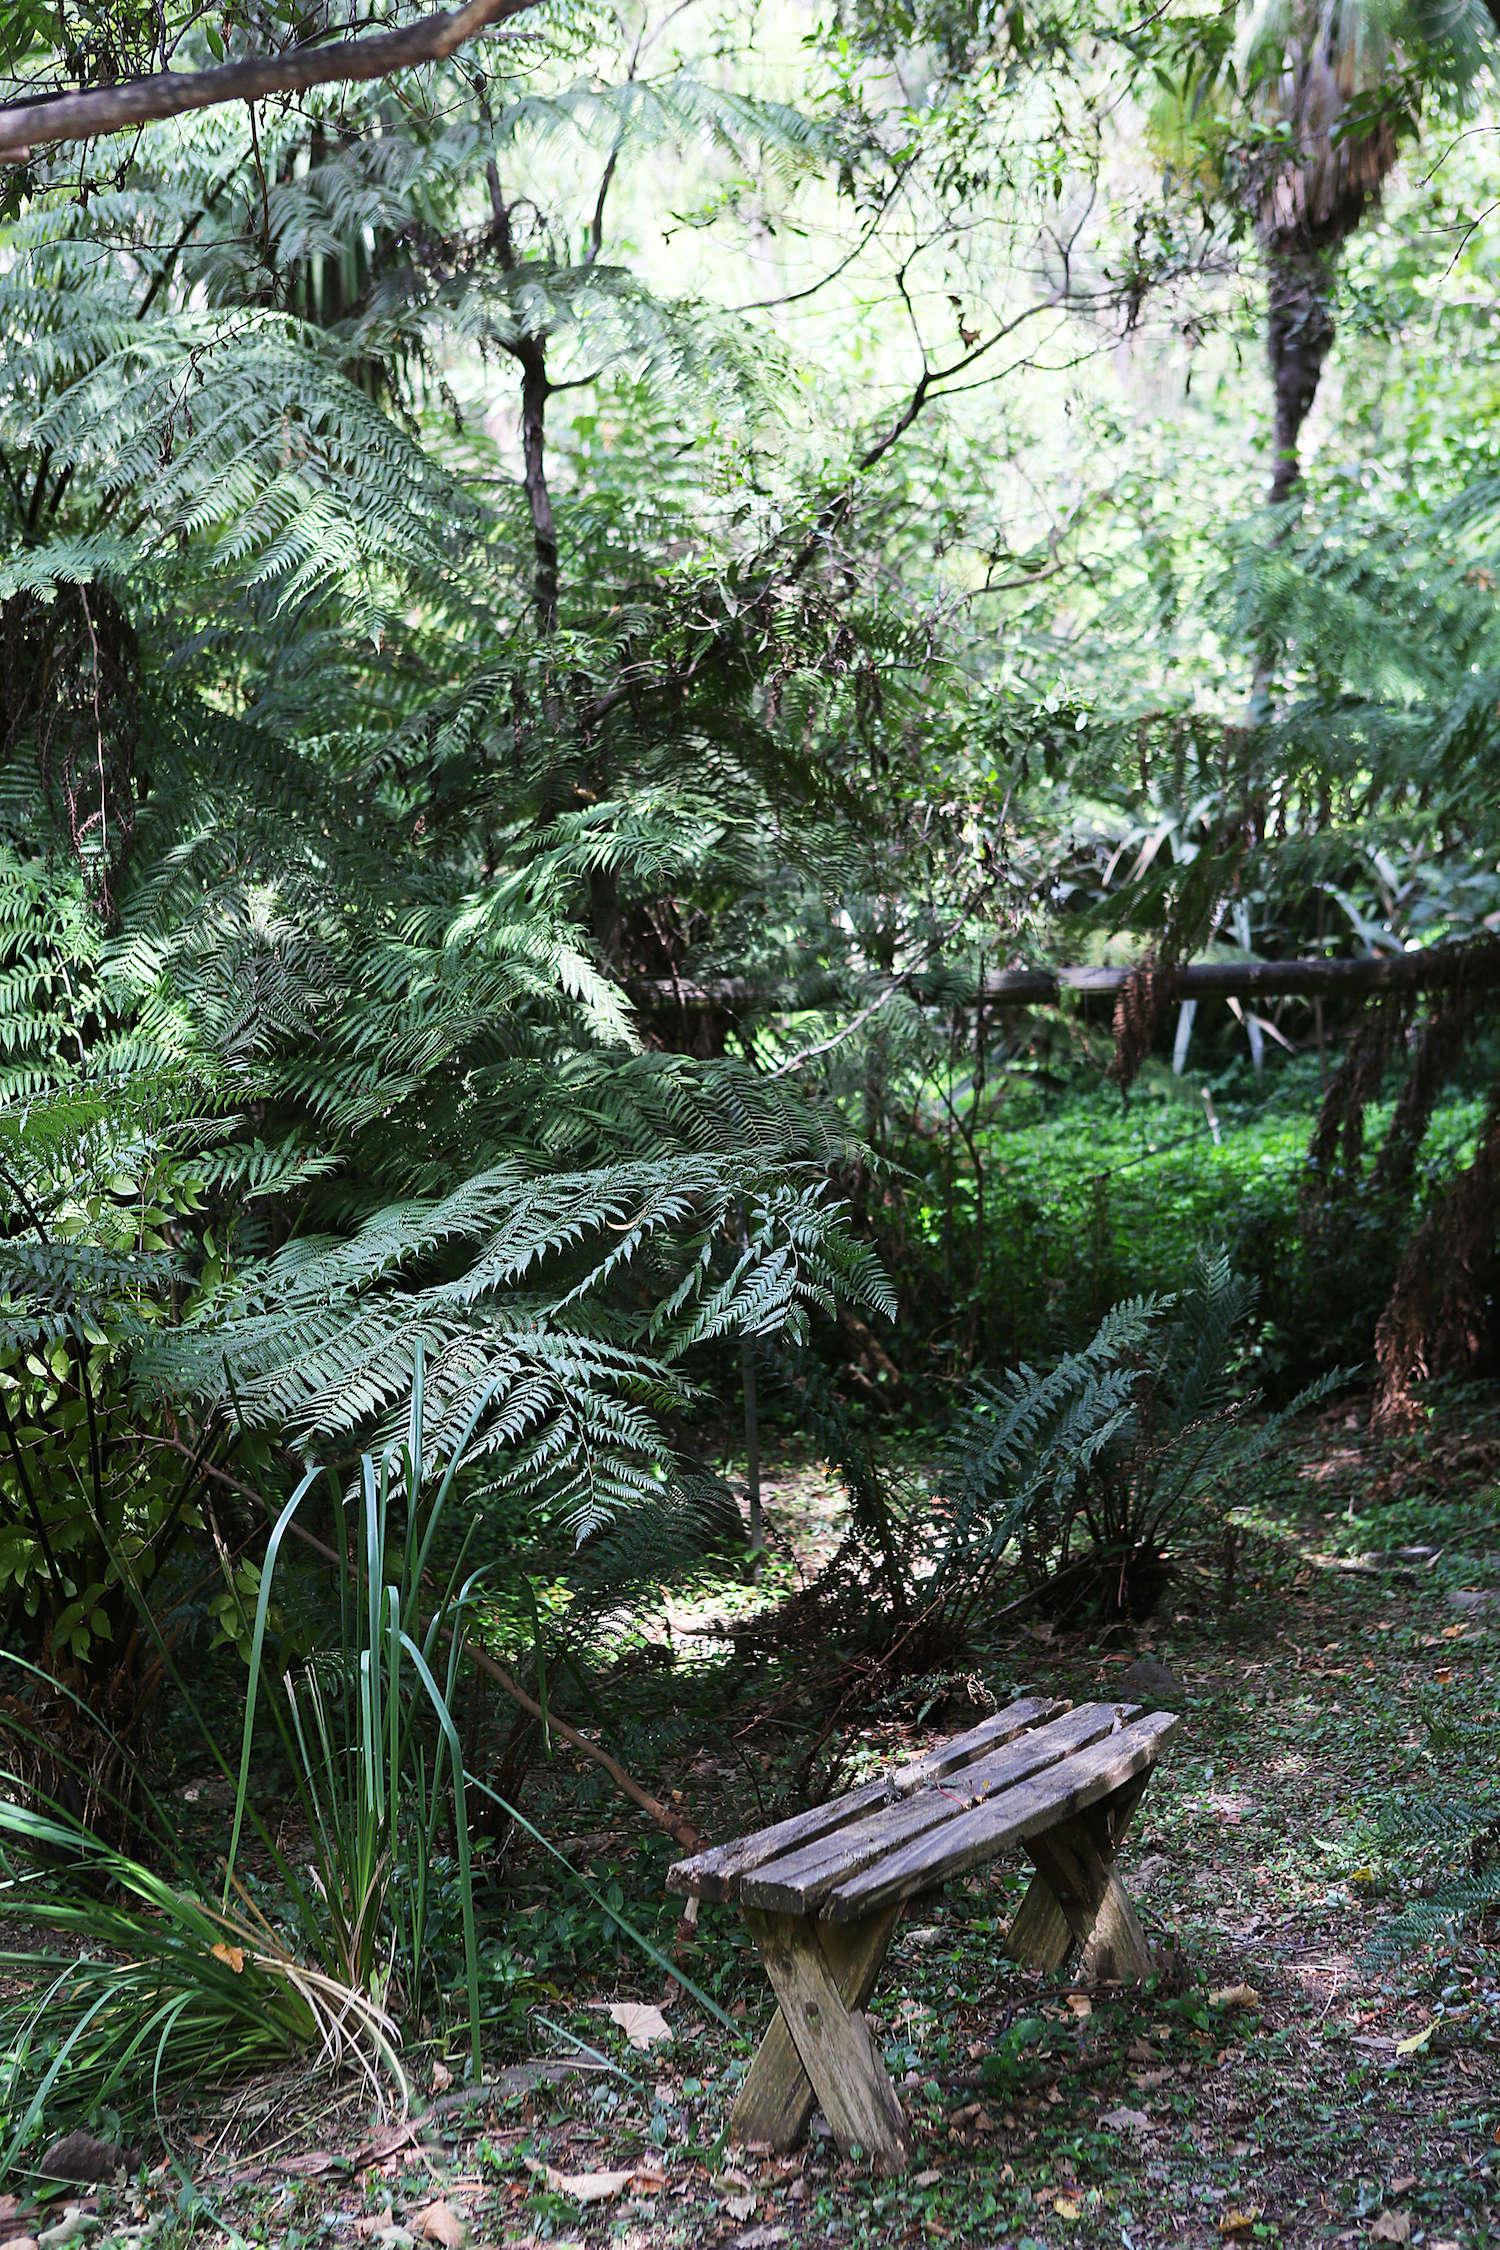 garden visit  a fern-filled forest in australia